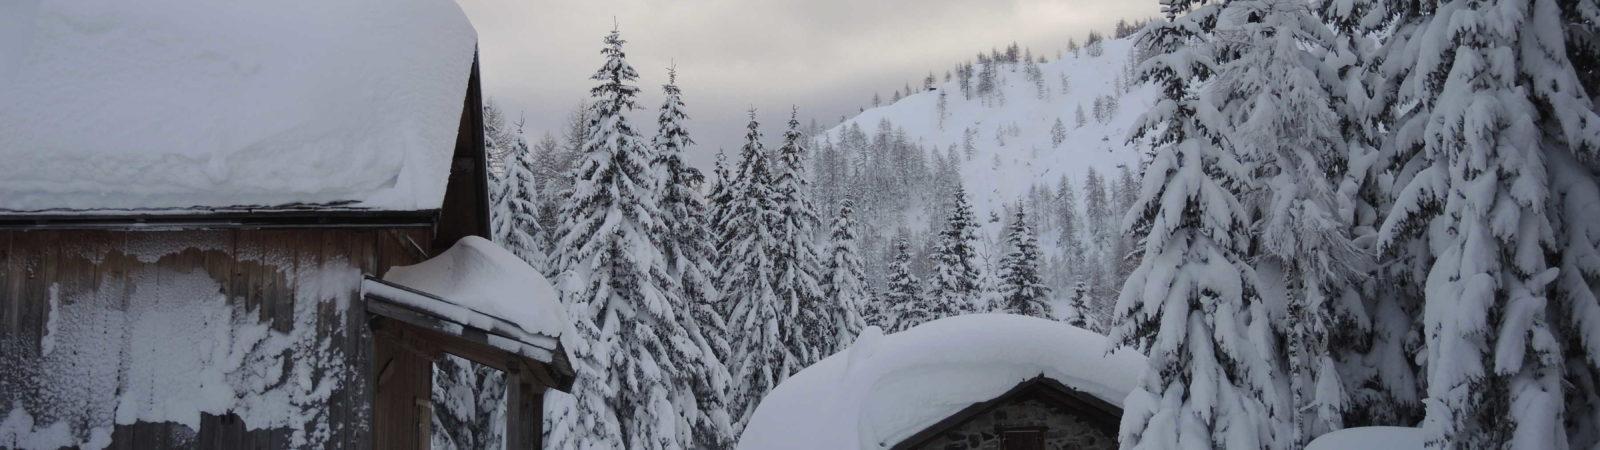 NEVICA! La magia della neve